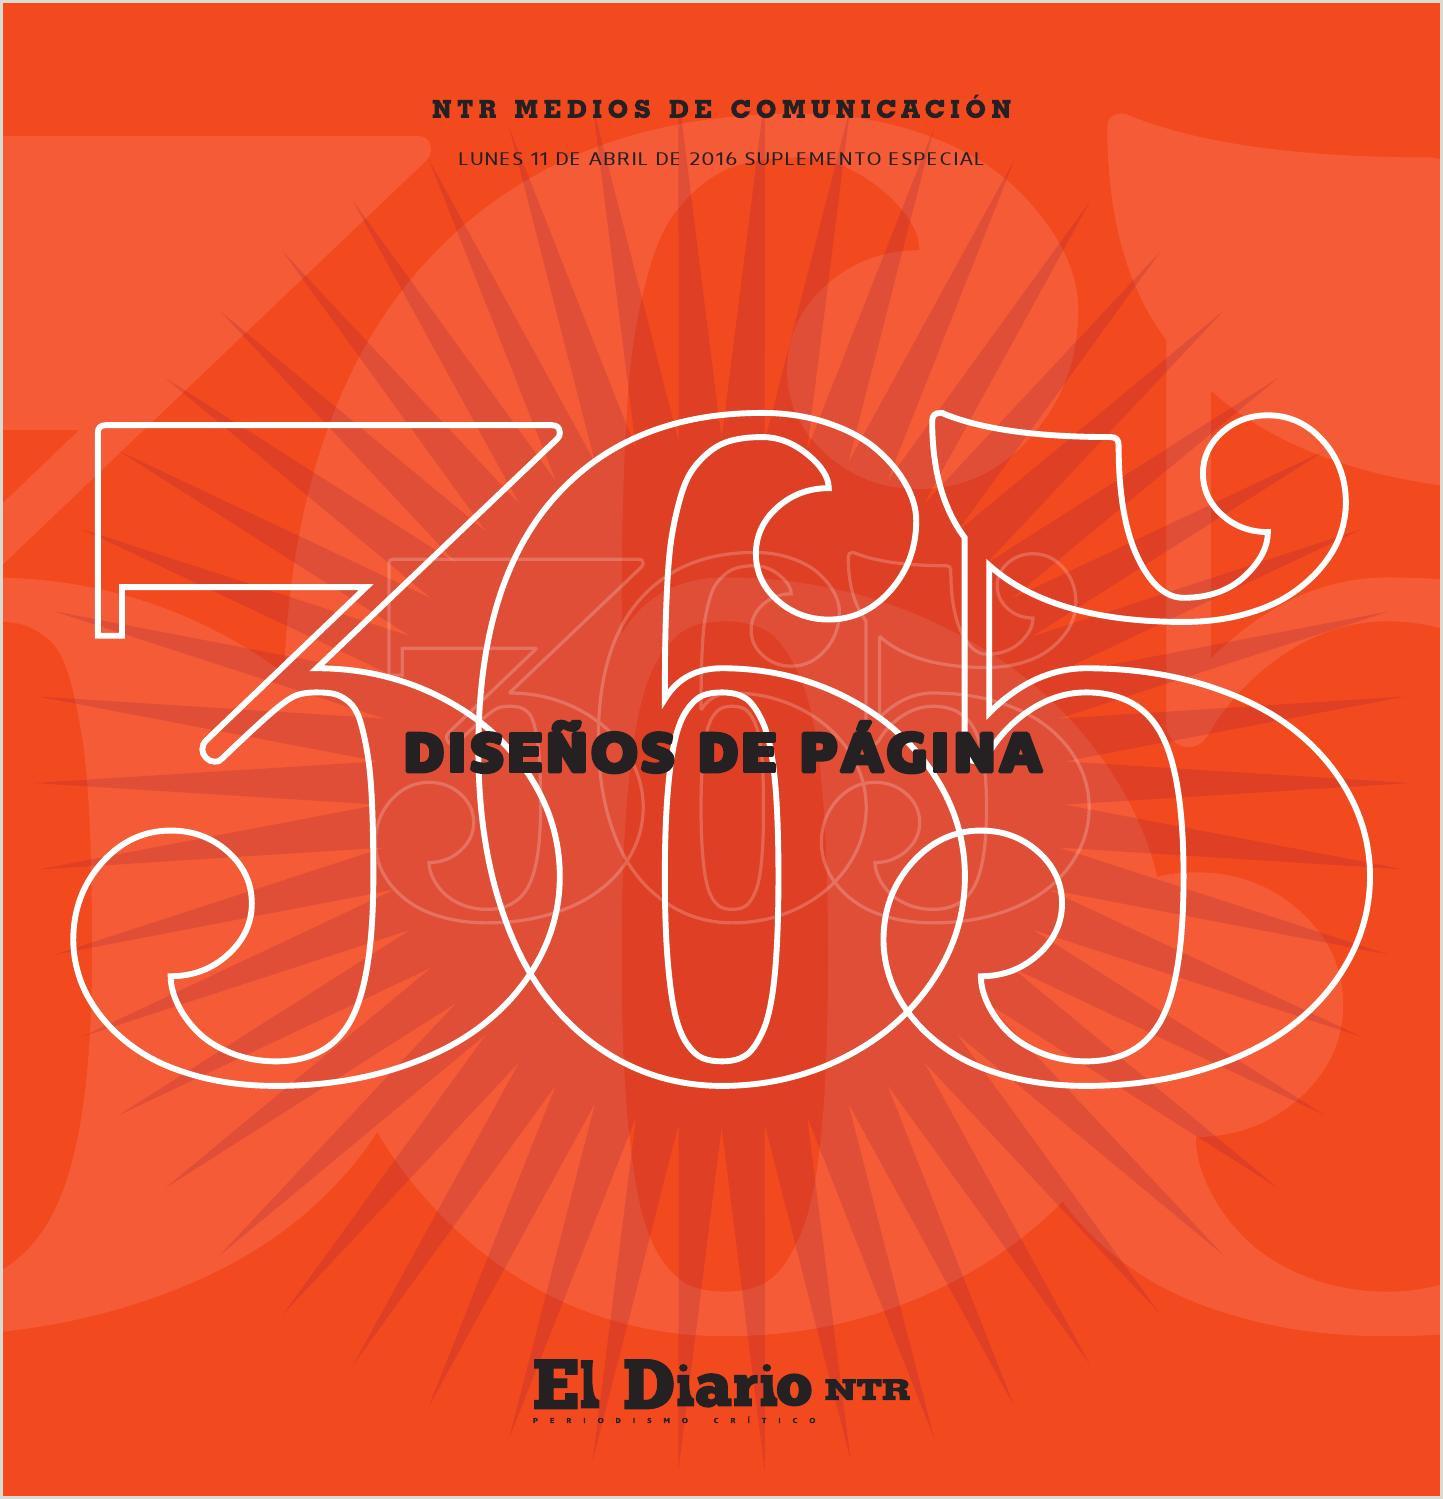 Hoja De Vida Minerva Editable 365 Dise±os De Página by Ntr Guadalajara issuu